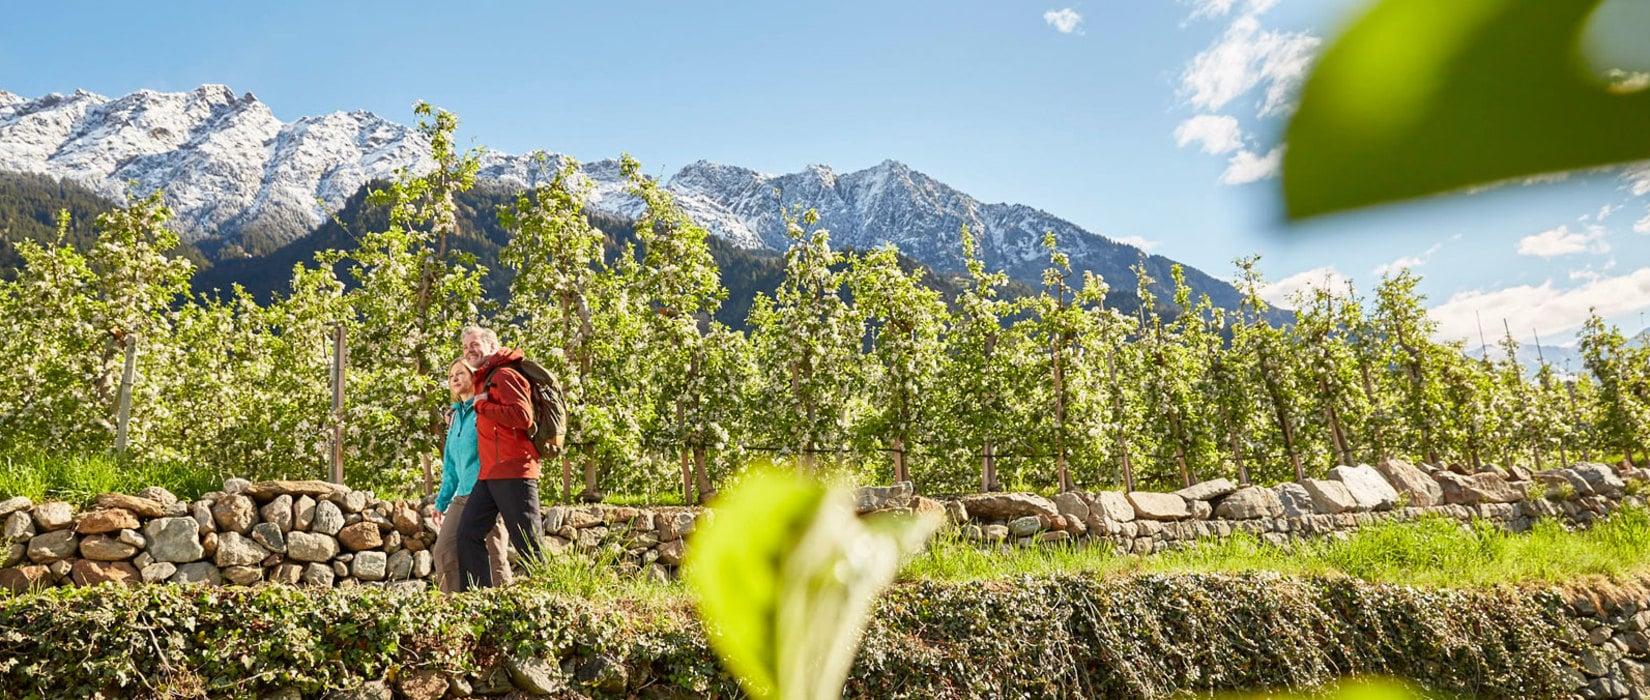 Frühlingsbeginn in Südtirol